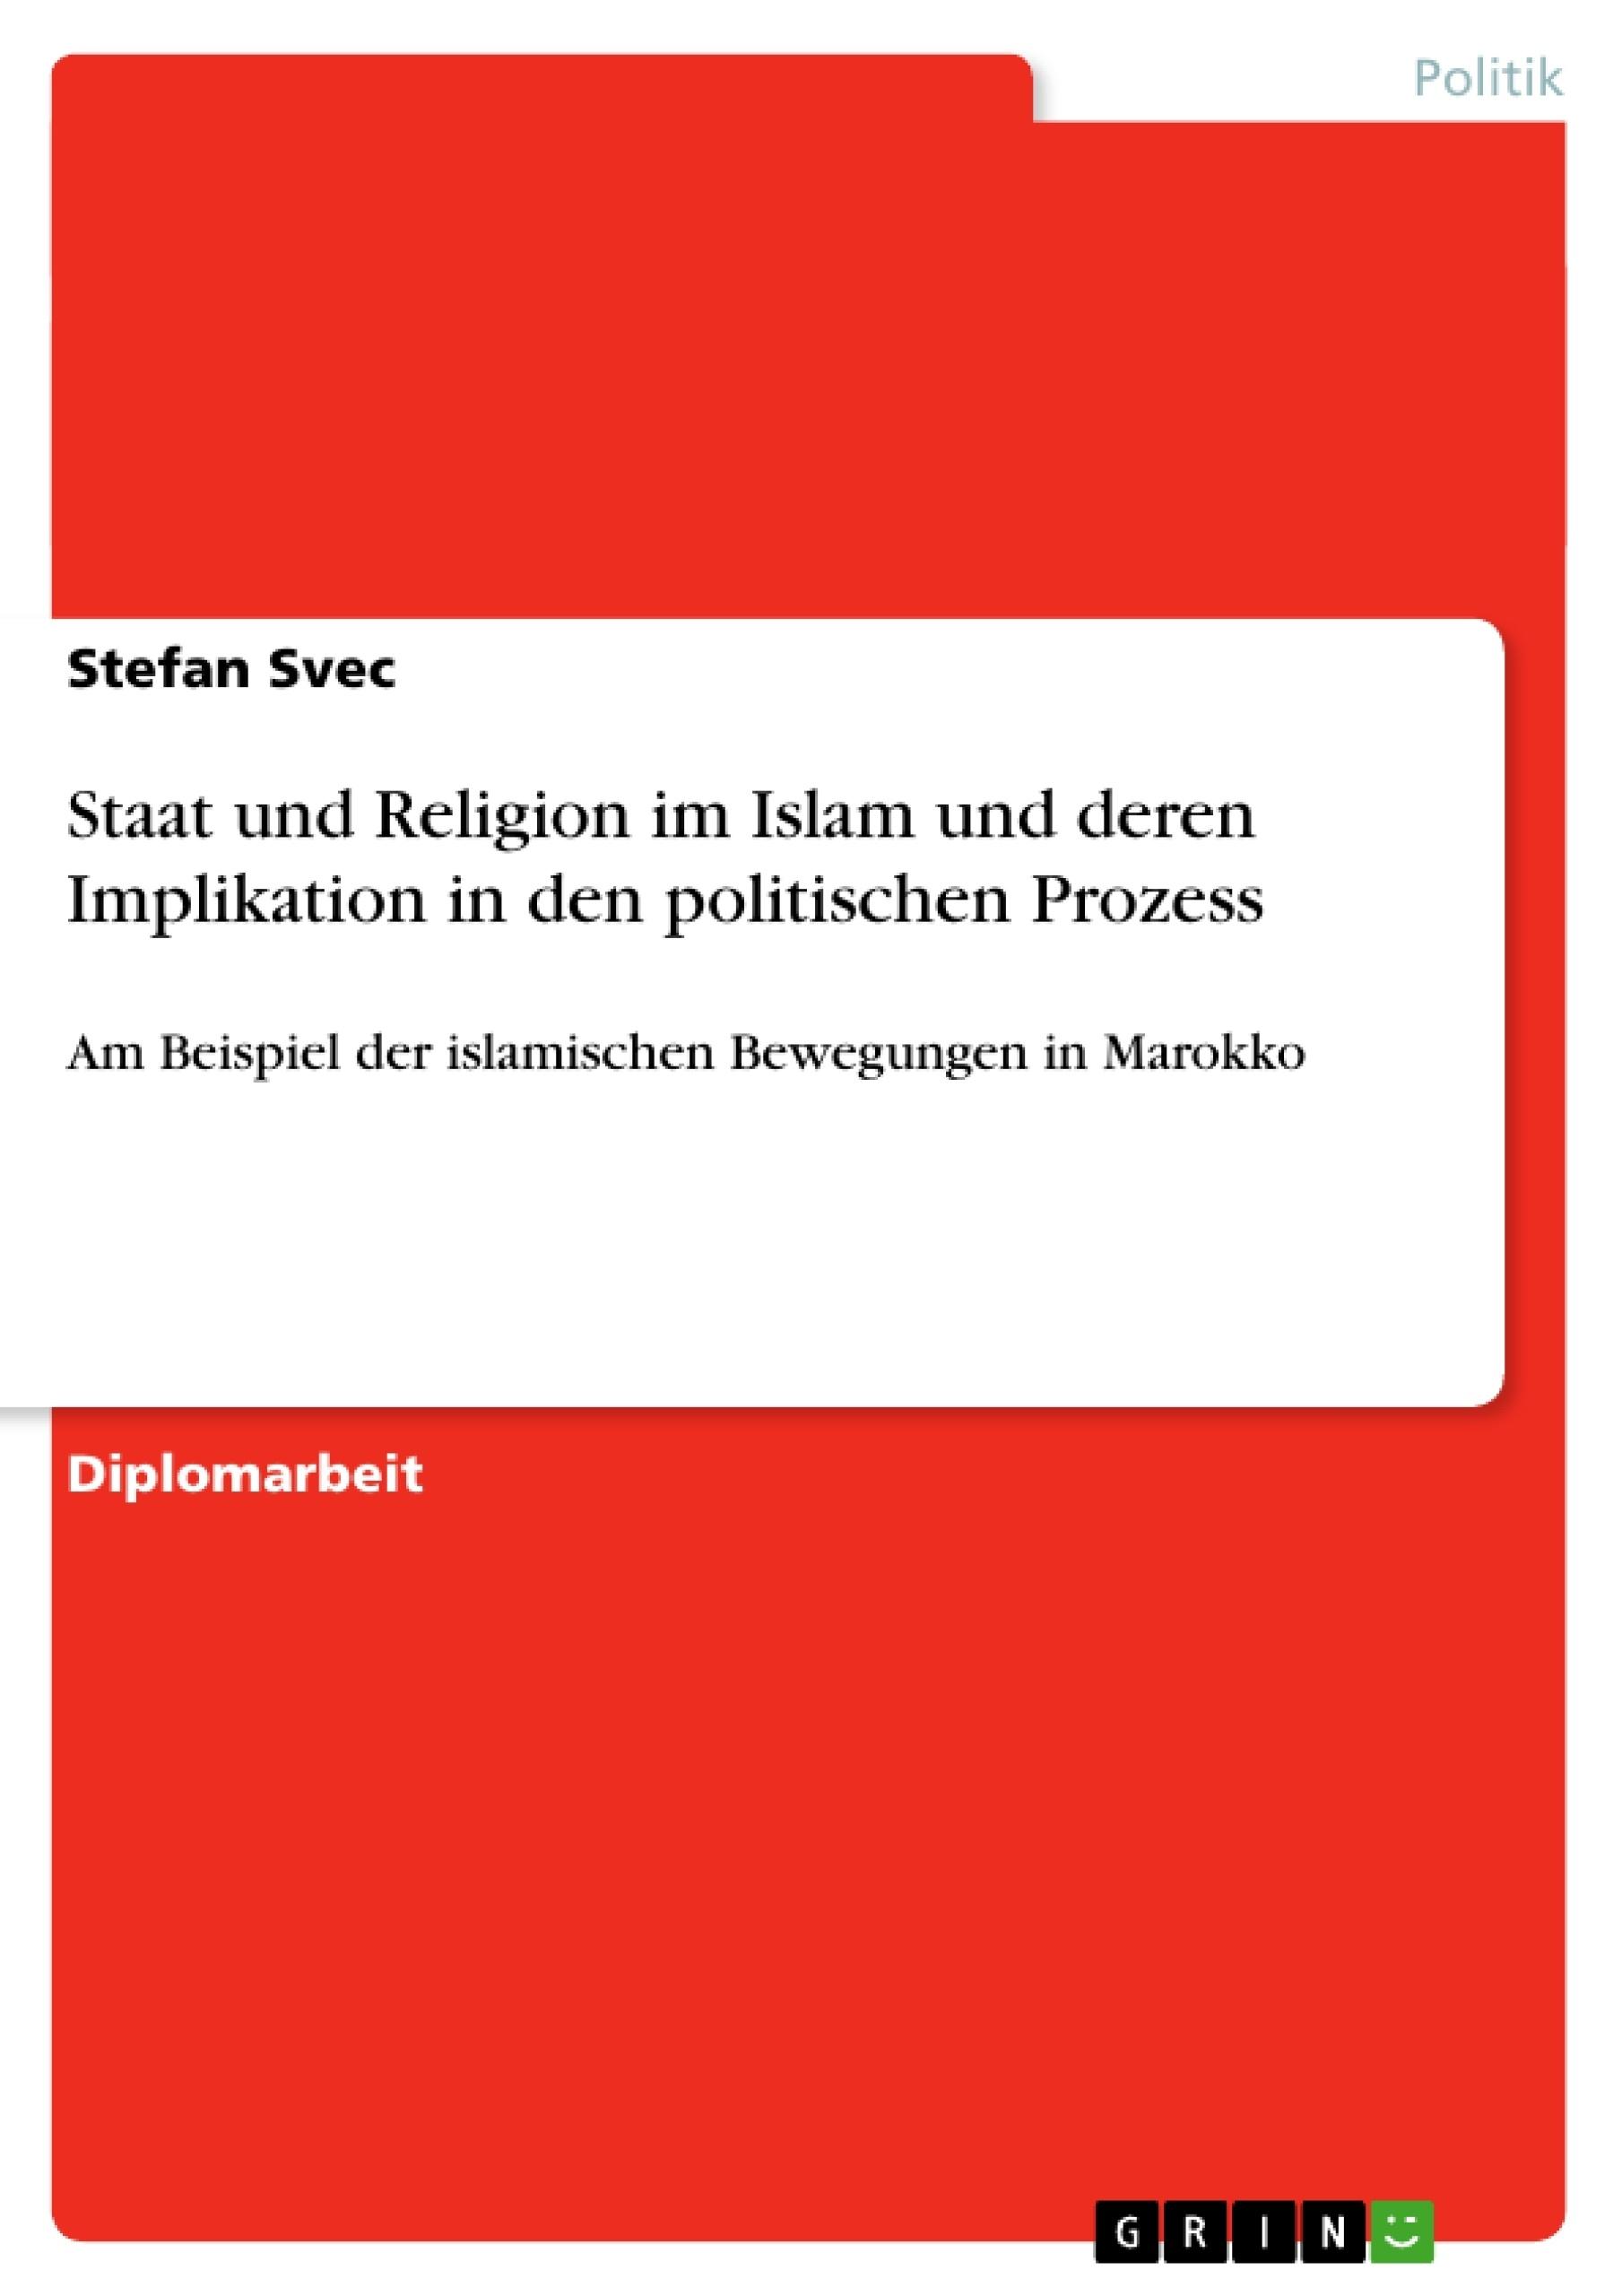 Titel: Staat und Religion im Islam und deren Implikation in den politischen Prozess